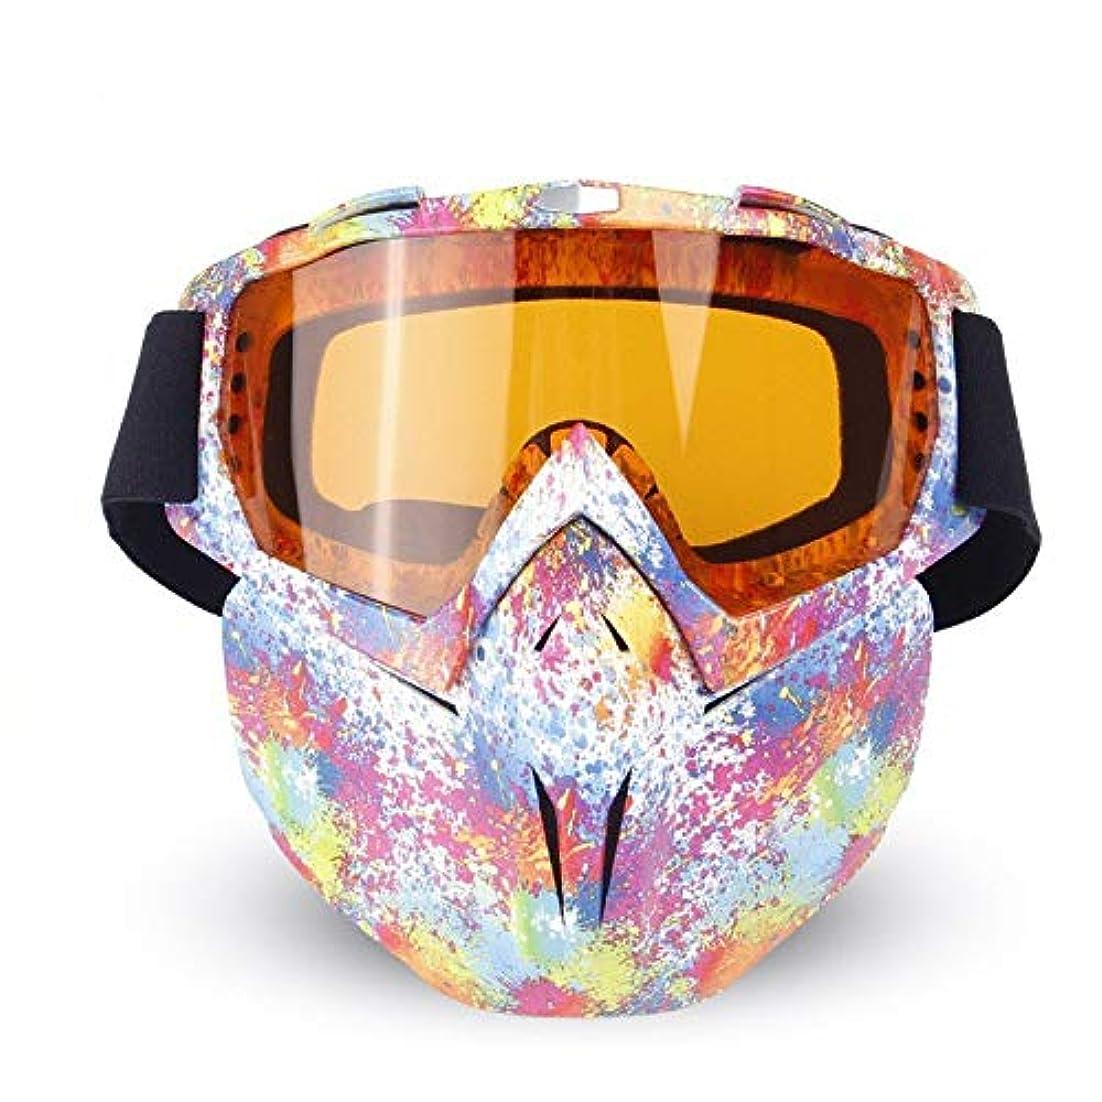 修士号見通し欠伸JPLLYY 屋外フィールドの戦術的な保護ミラーオートバイのゴーグルオートバイのメガネエアガンヘルメットメガネ (Color : C)